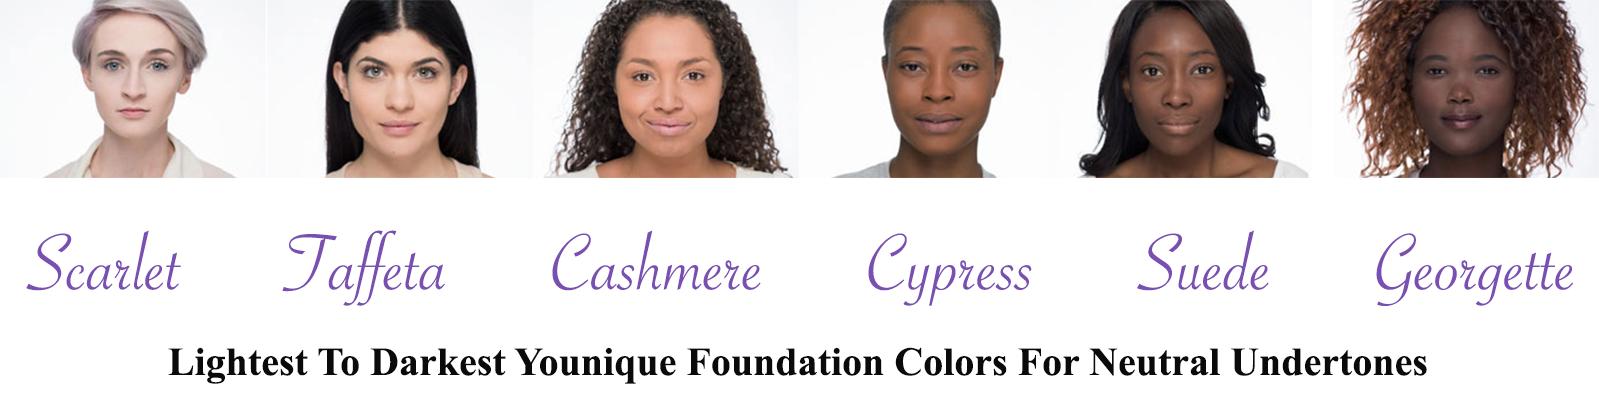 Younique Neutral Undertone Foundation Colors Younique